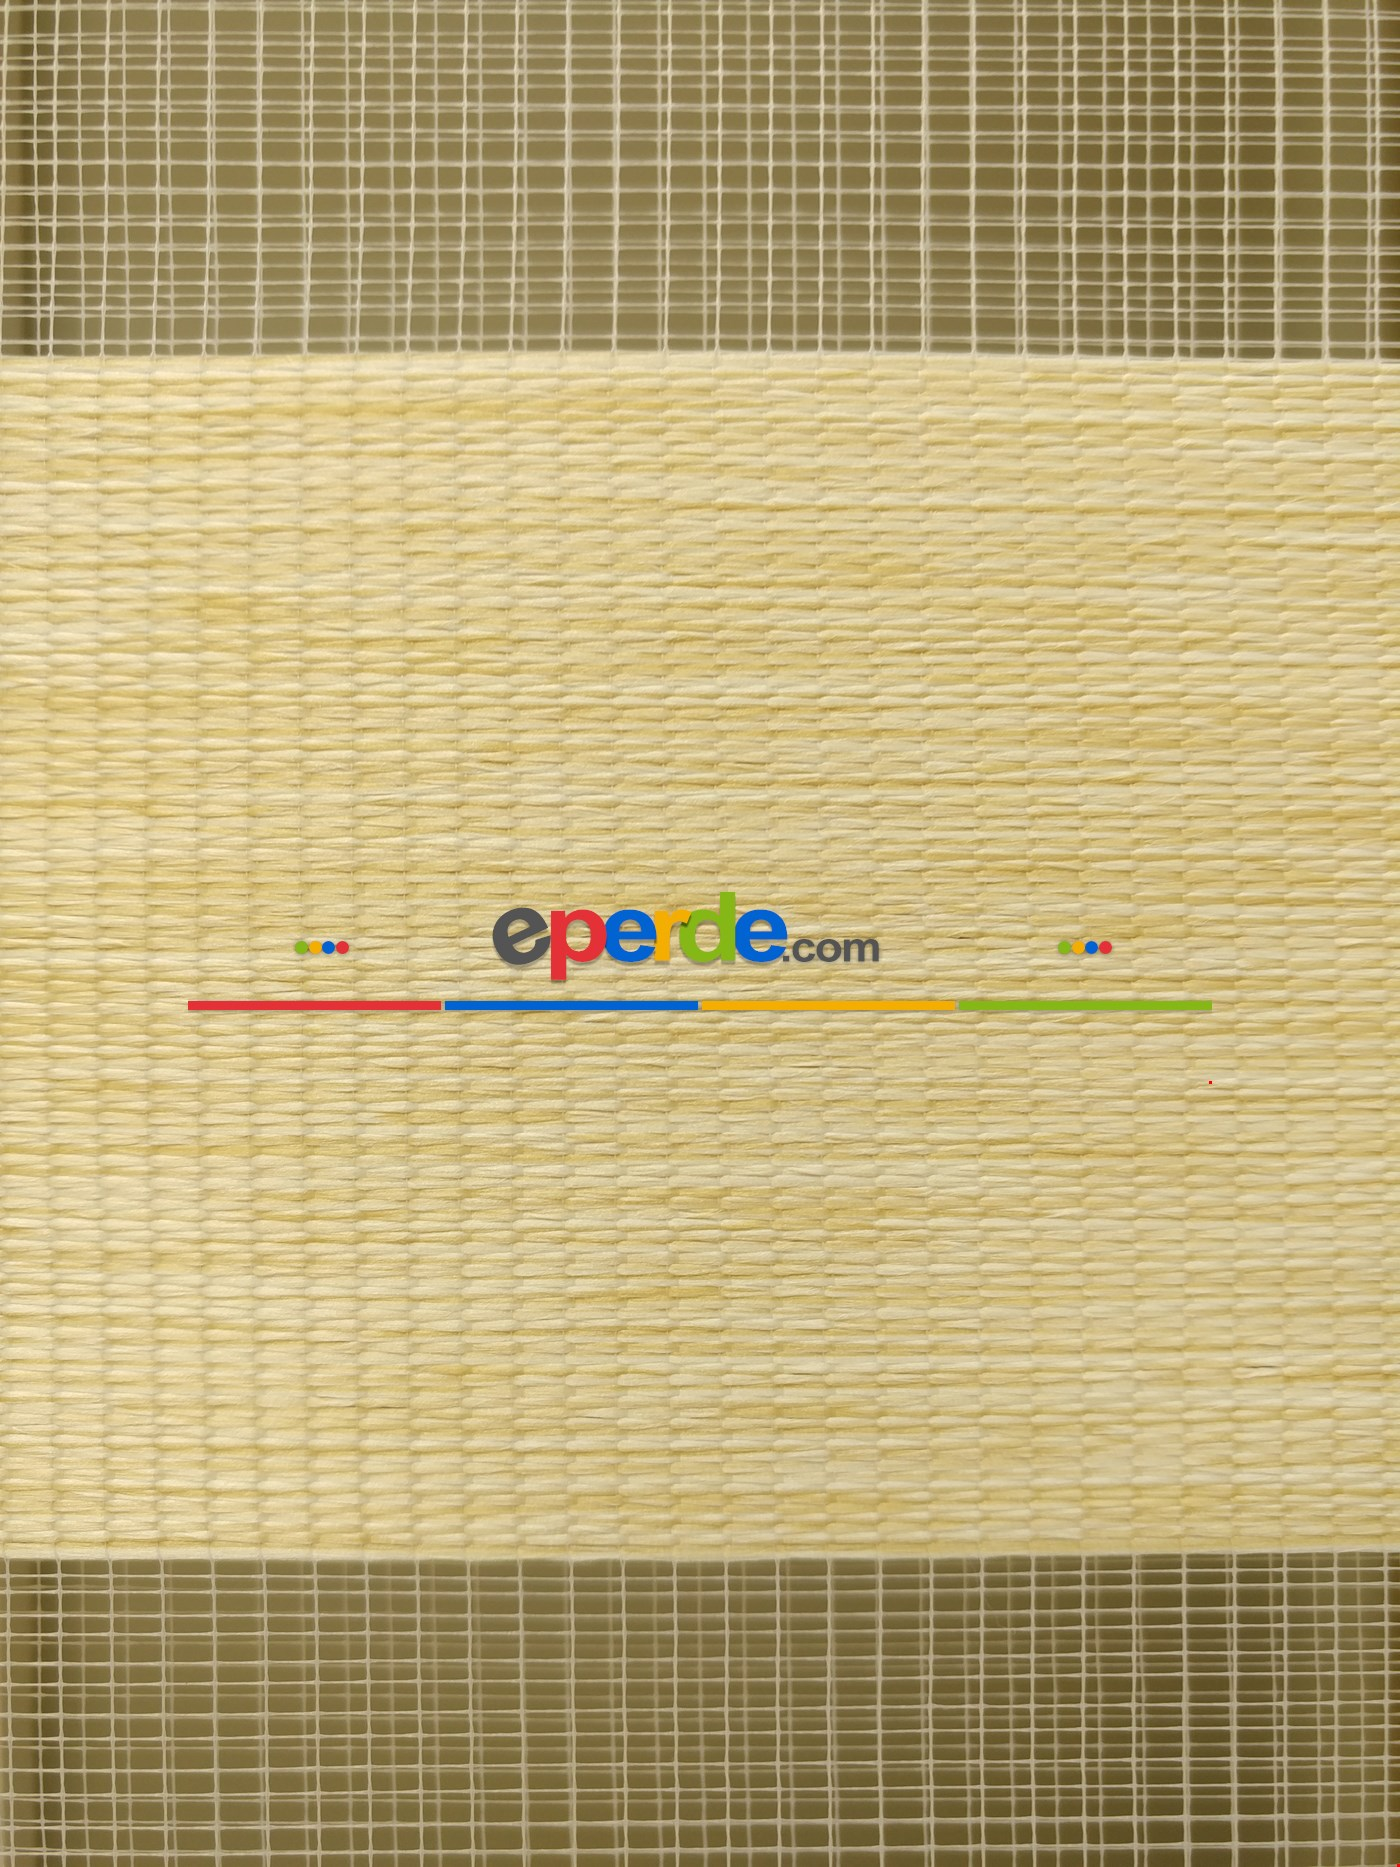 Zebra Perde - Caprice Bej-mor-eflatun Renk Bambu (geçiş Zeminli)